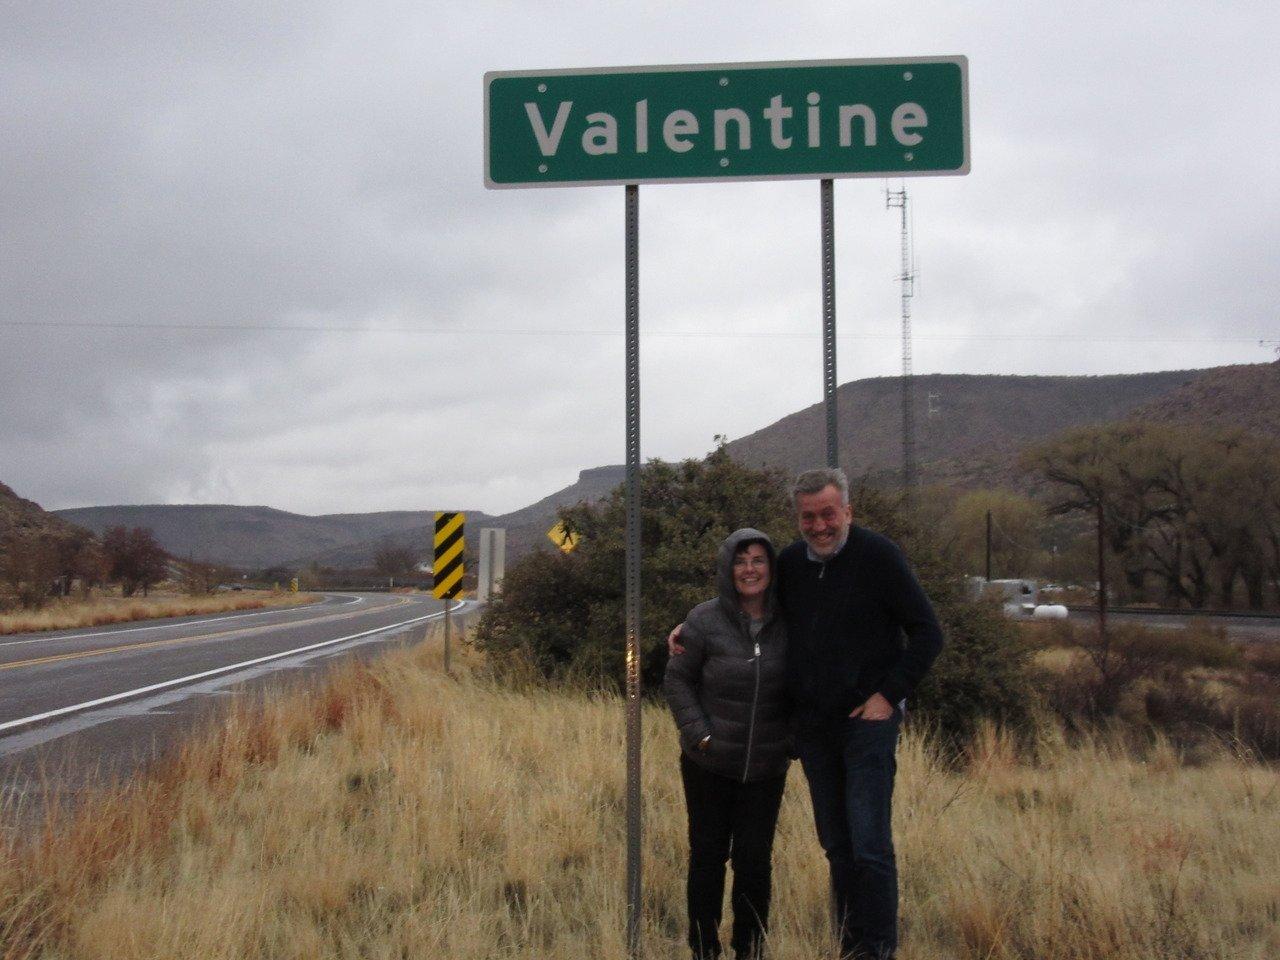 Valentine's Day at Valentine AZ